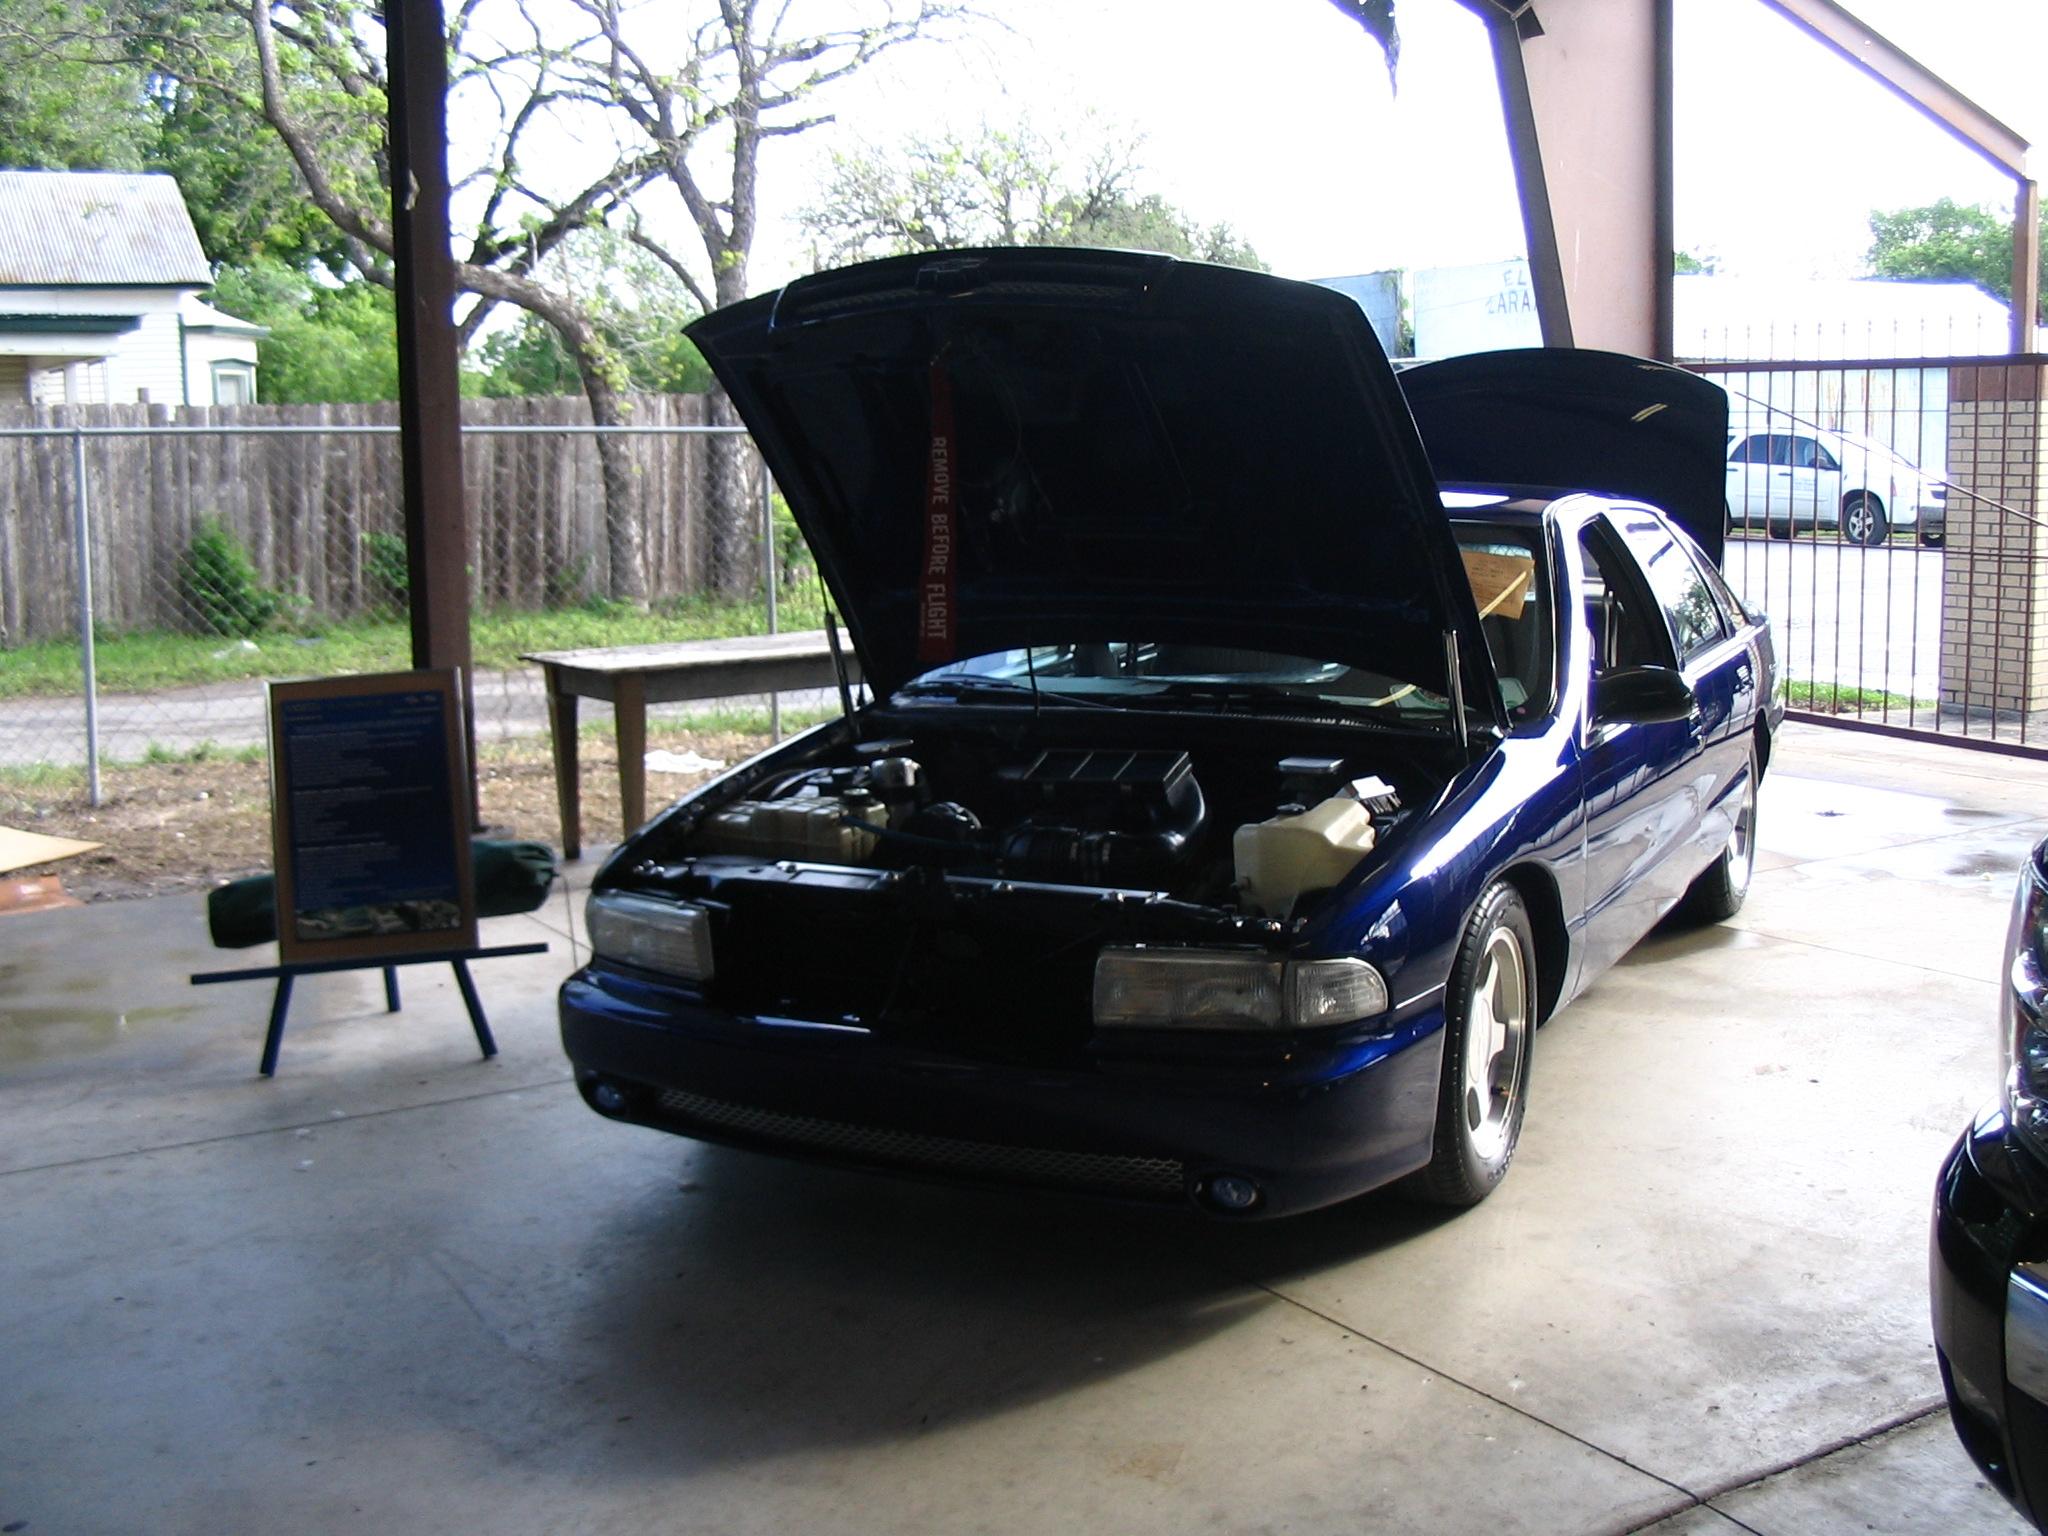 16th Annual Oilcity Car Show